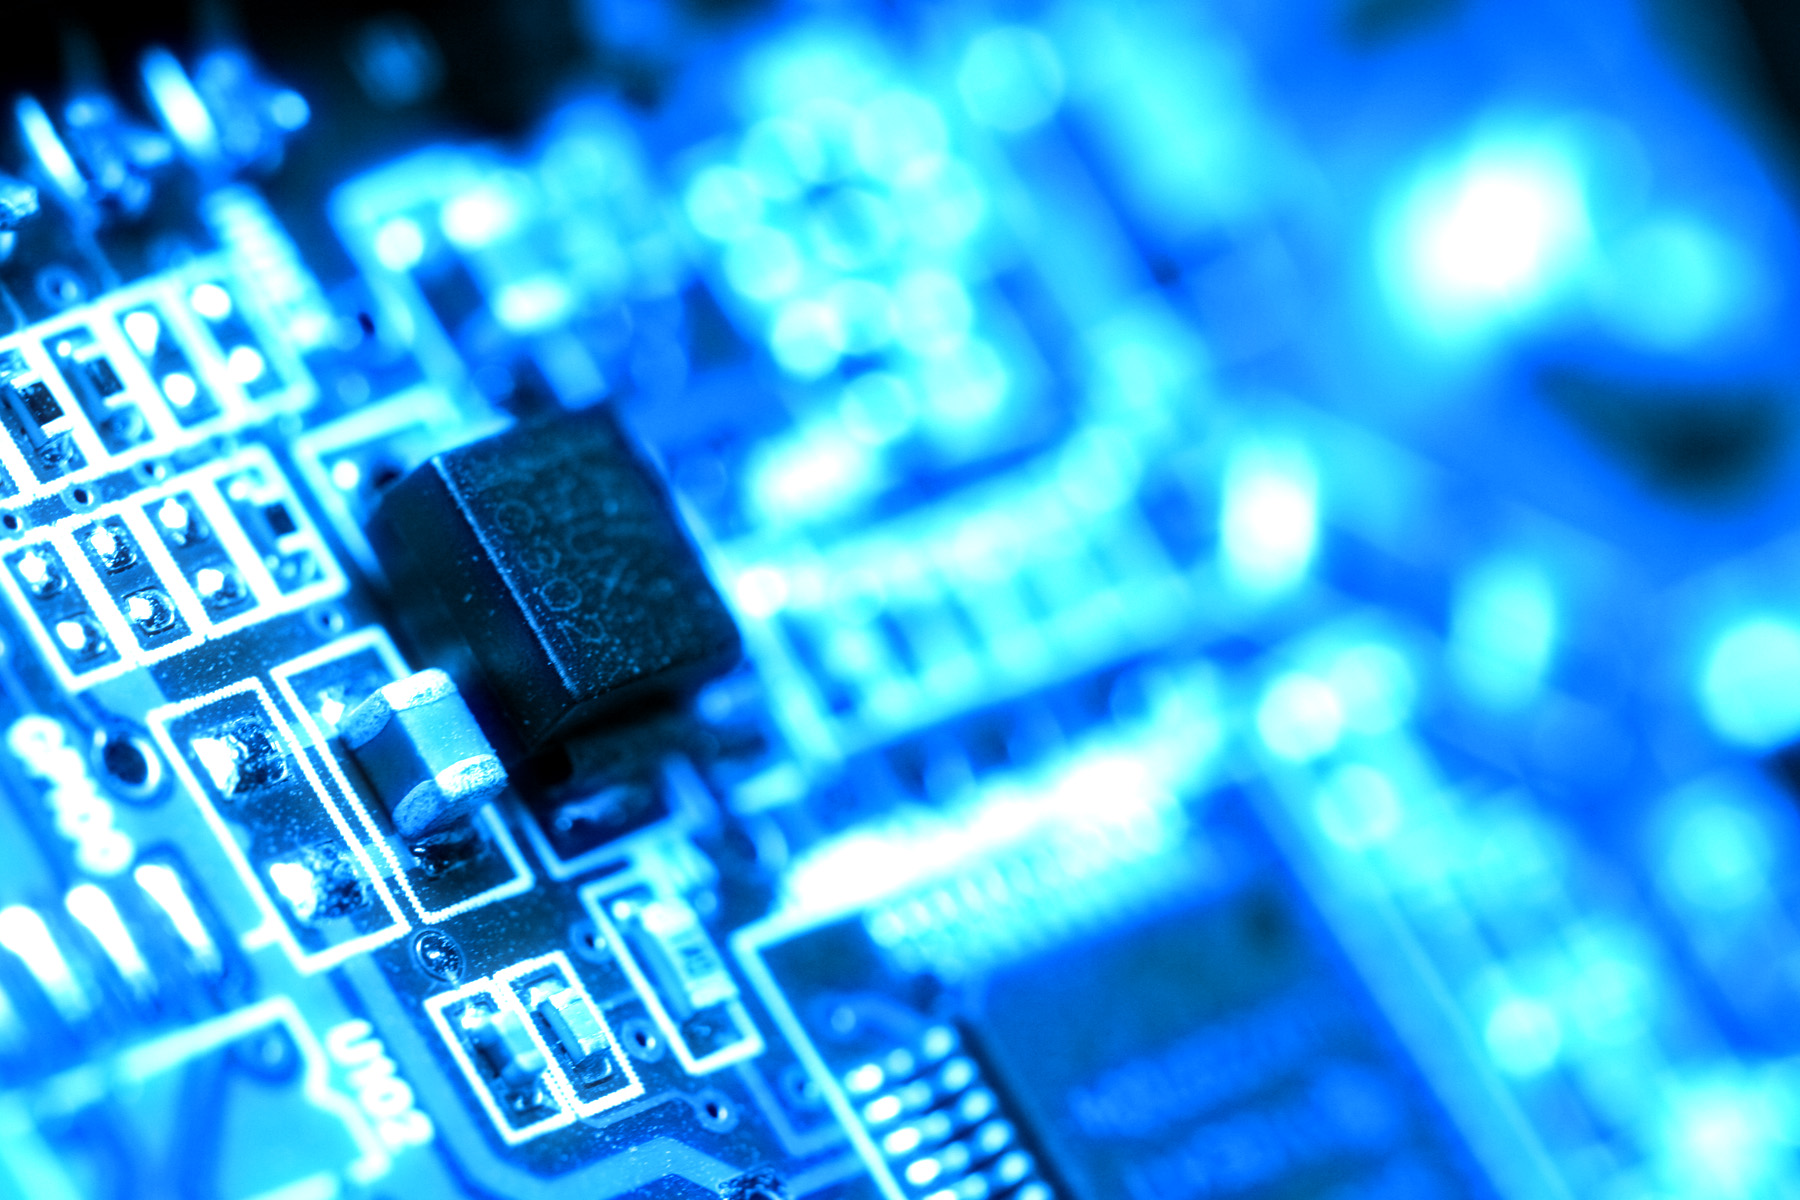 Instalación, configuración y mantenimiento